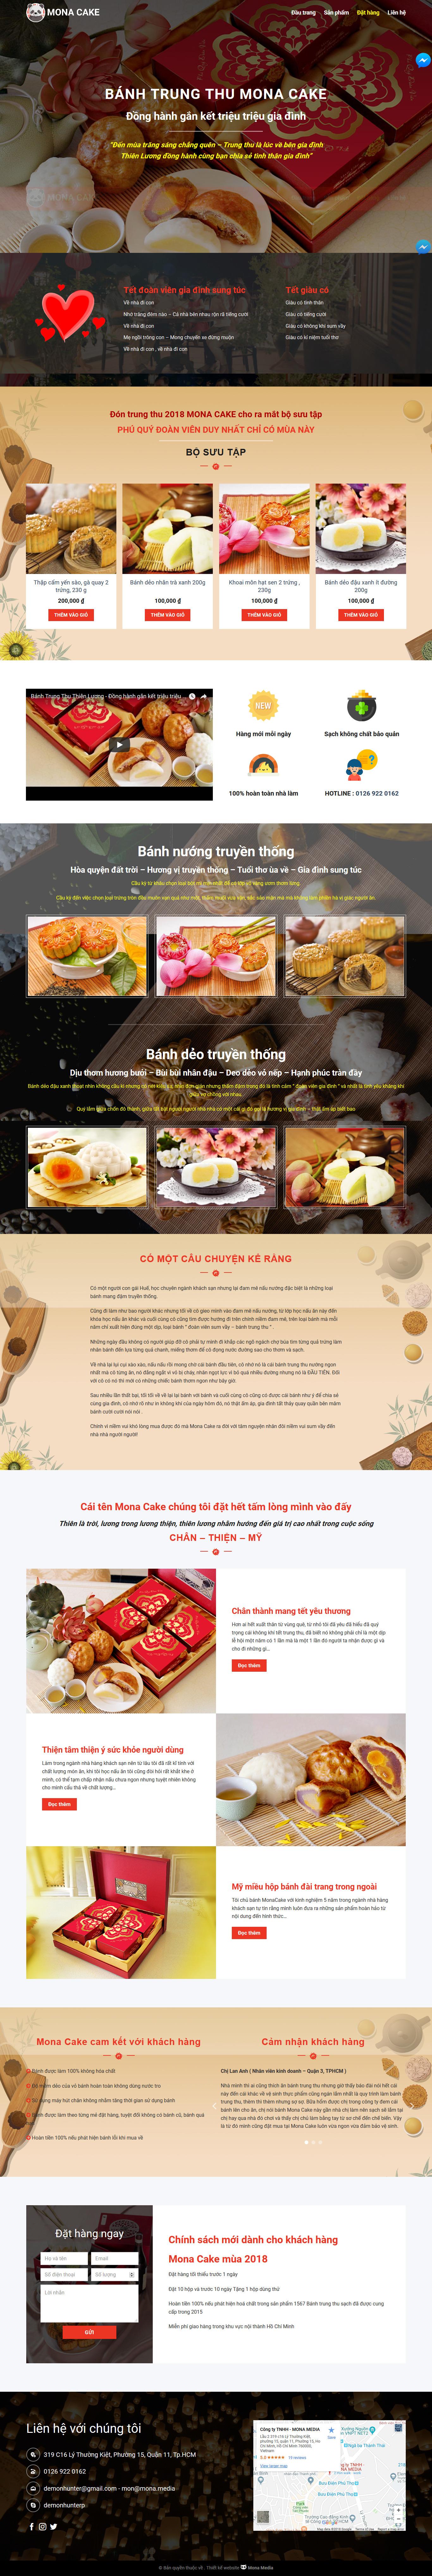 Mẫu website landing page giới thiệu bánh trung thu